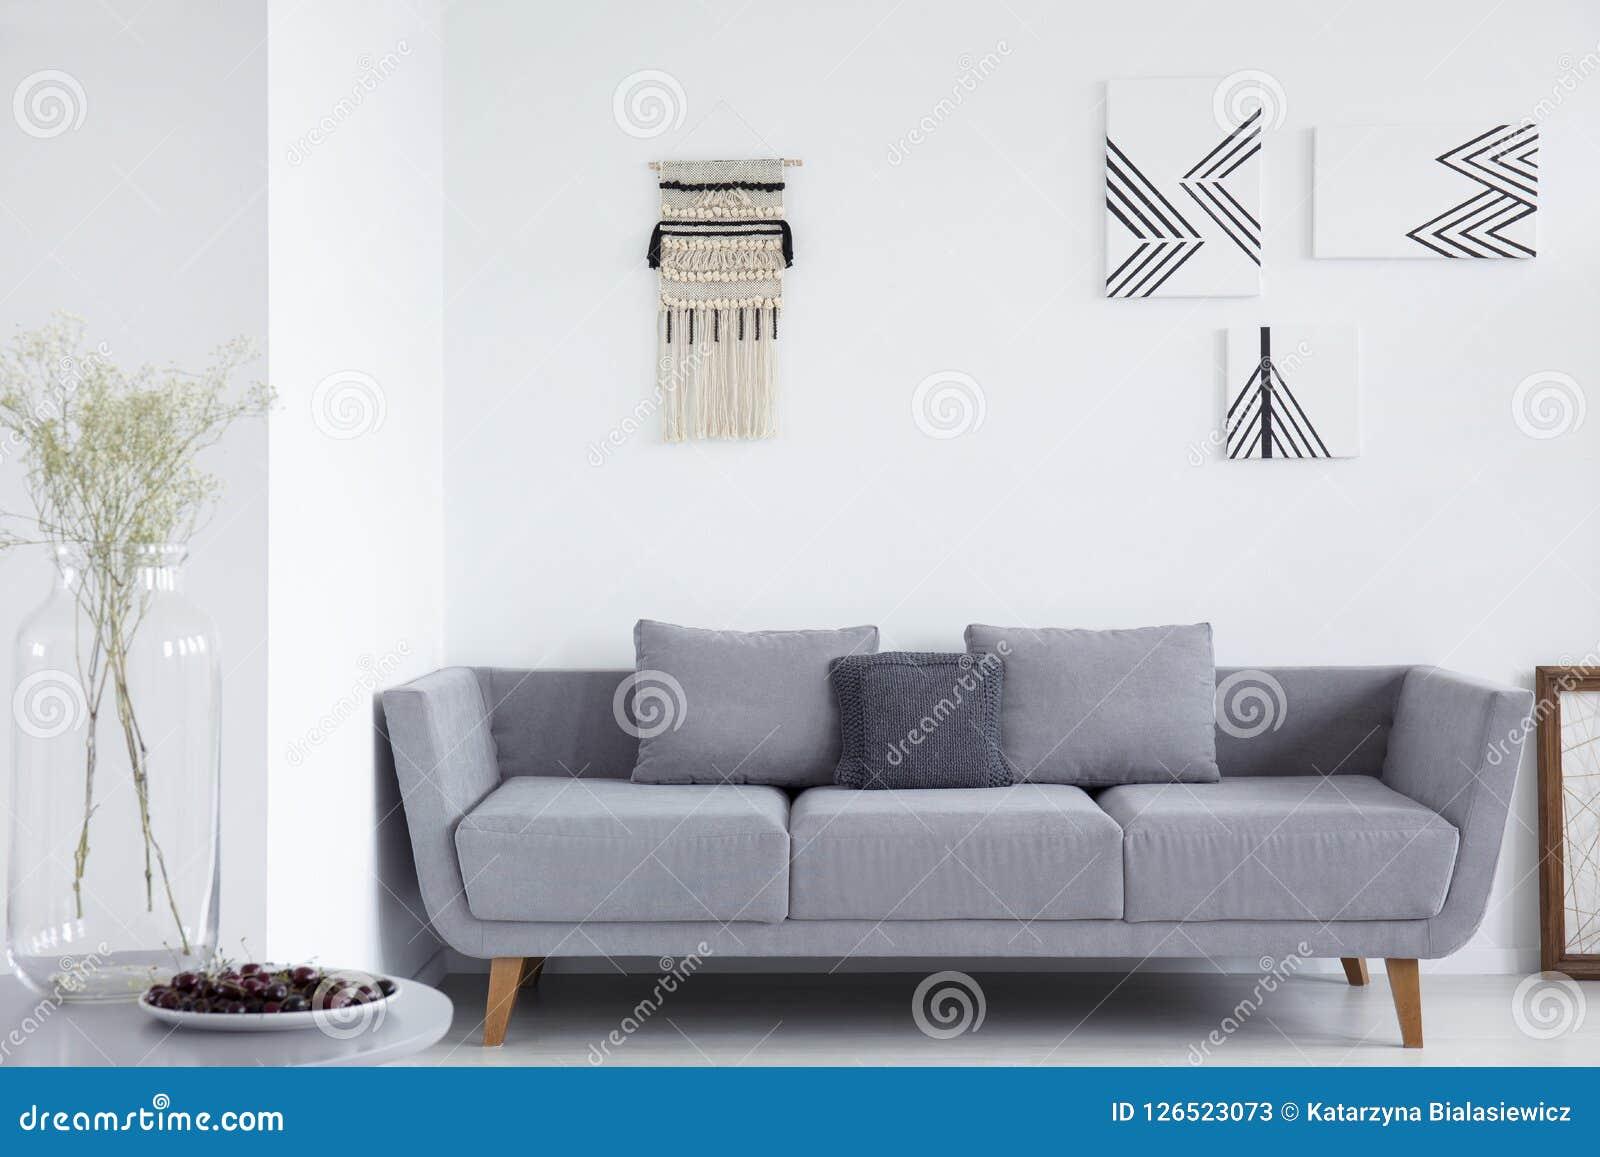 Canape Gris Avec Des Oreillers Dans L Interieur Blanc De